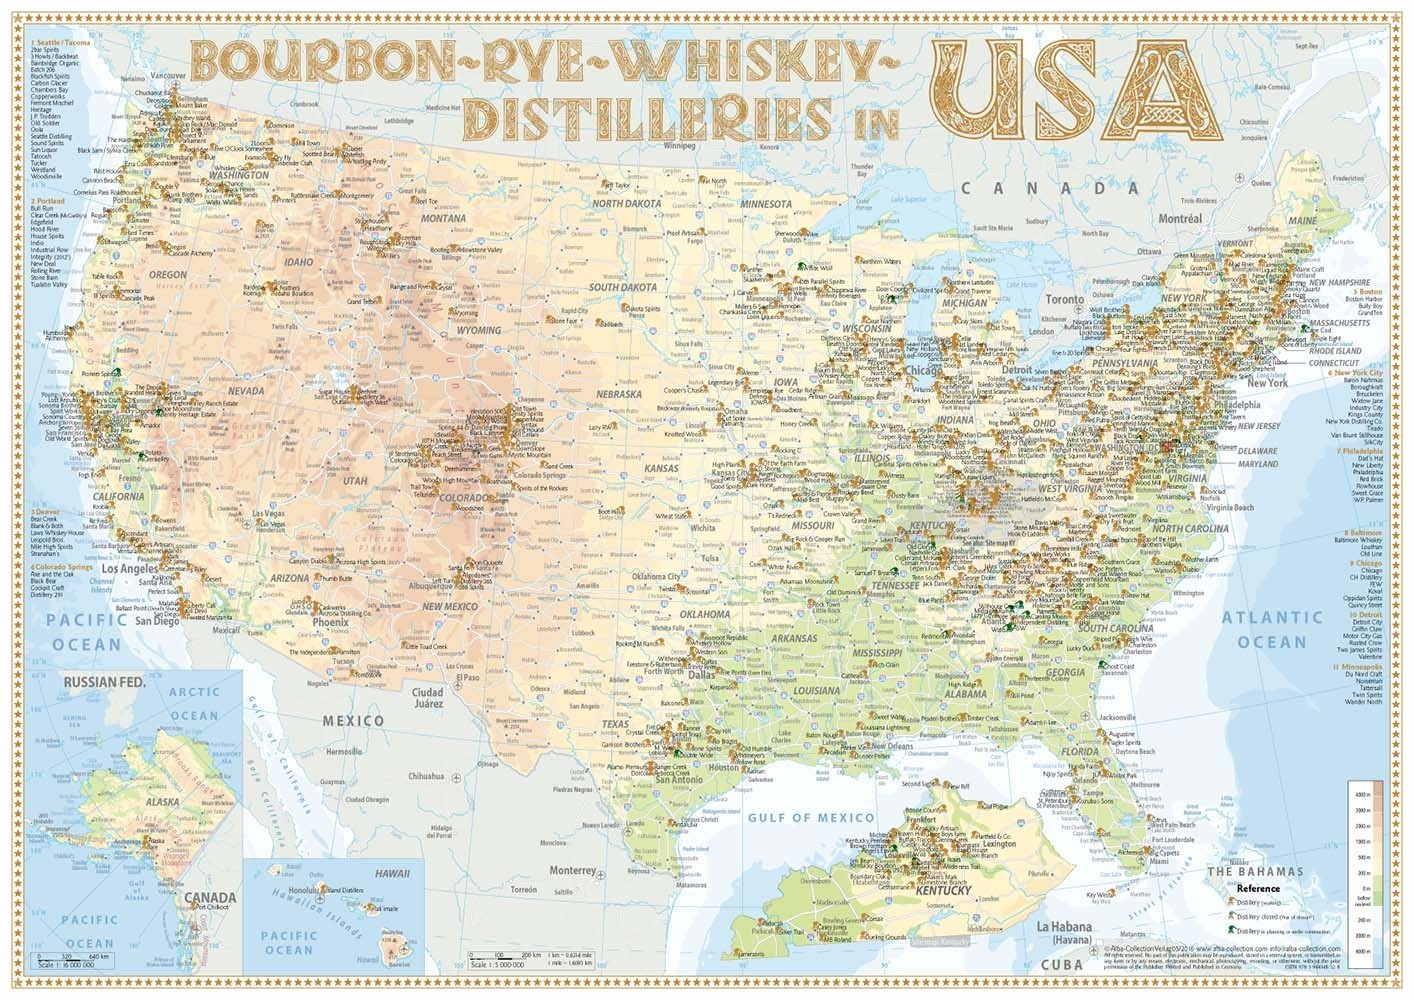 Karte Usa.Karte Der Destillerien Usa In Postergrosse 42 X 60cm